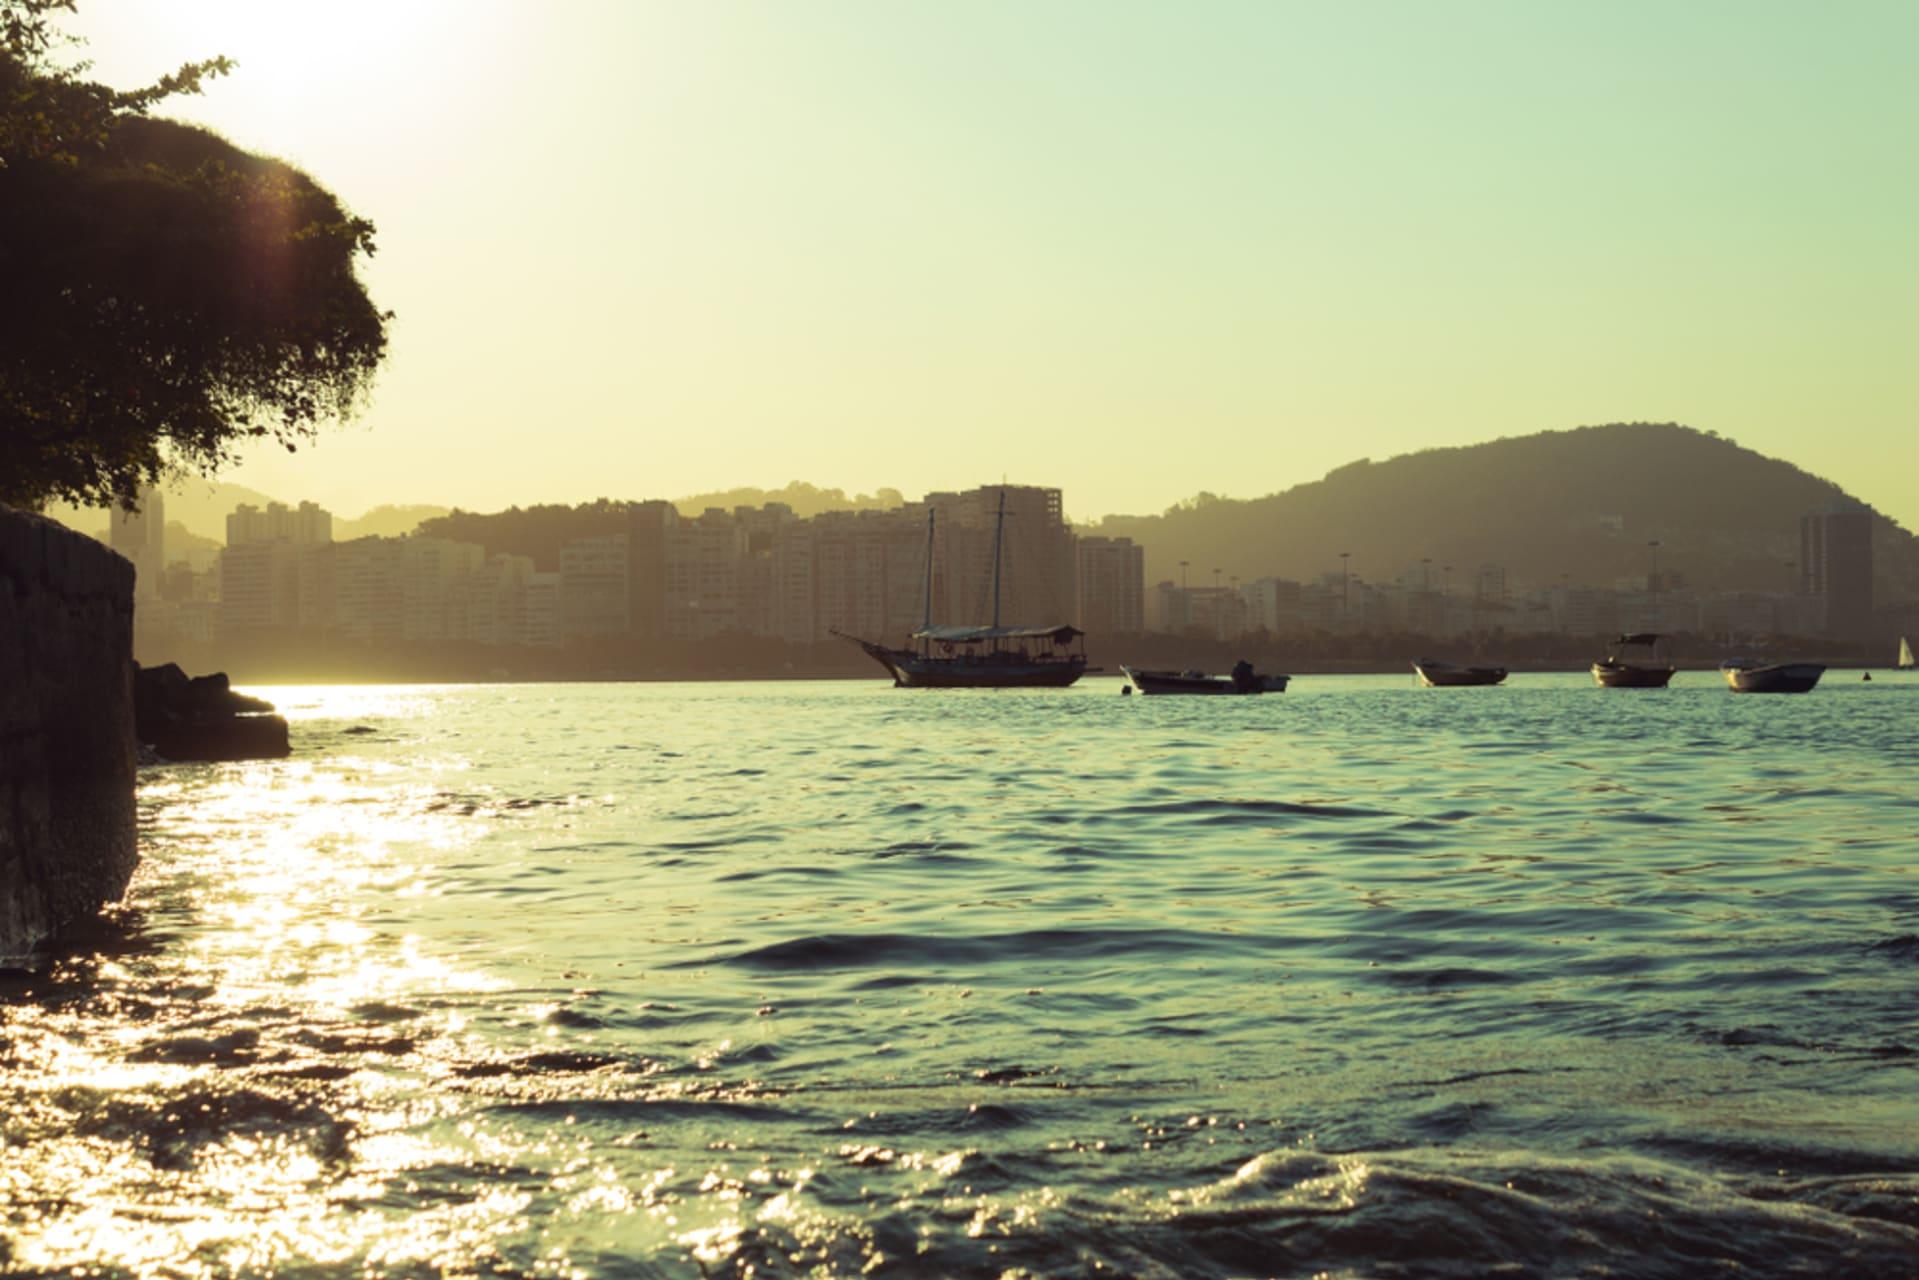 Rio de Janeiro - URCA, the most special of Cariocas neighborhoods